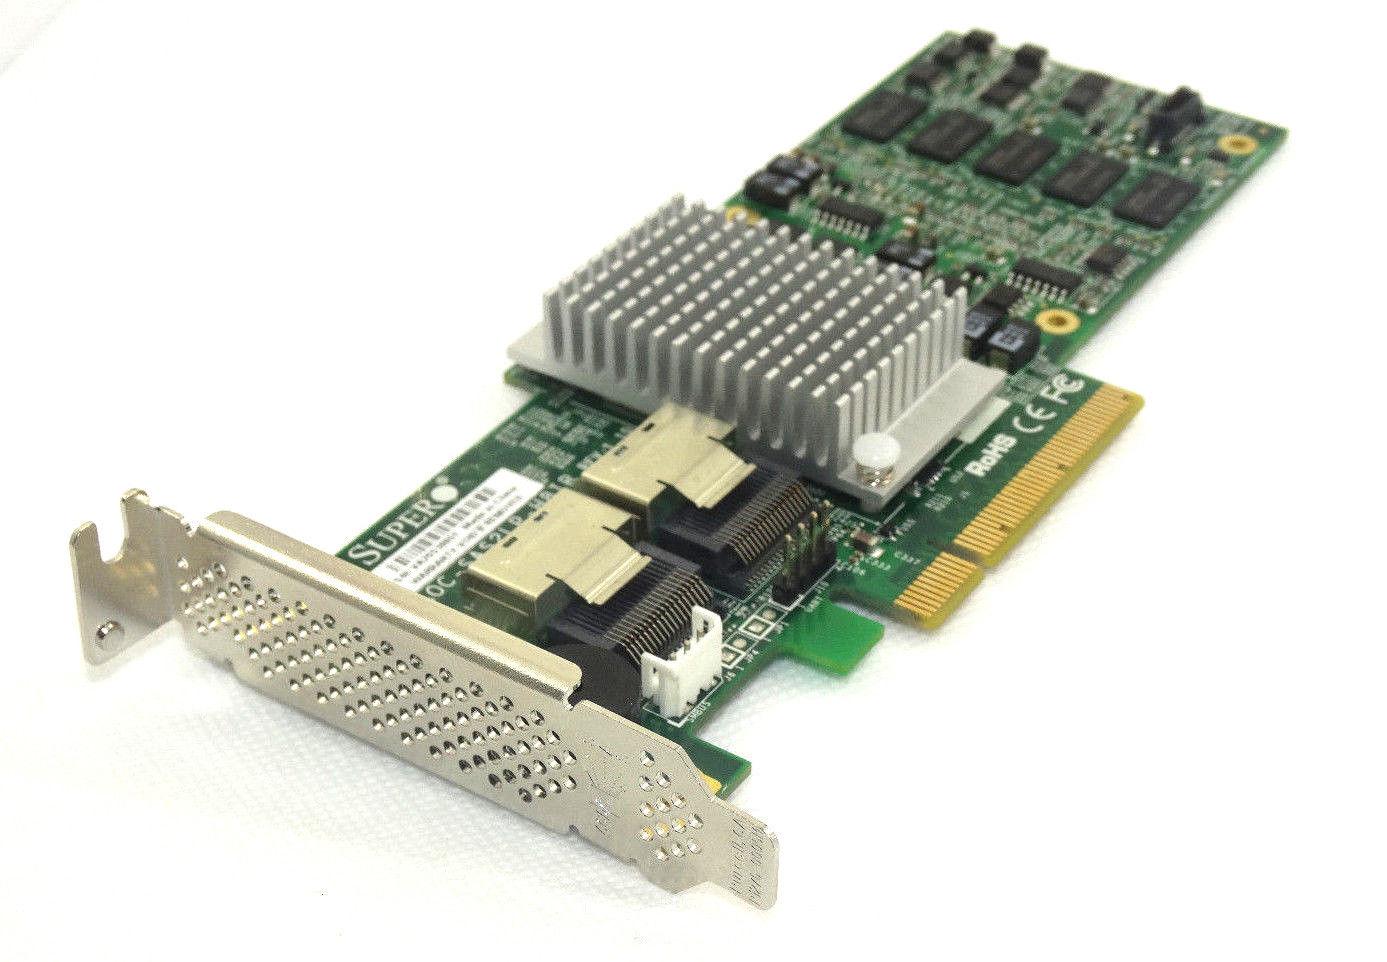 Details about LSI SAS 2108 Supermicro SAS 2108 PCI-E X8 SAS/SATA Raid  Controller